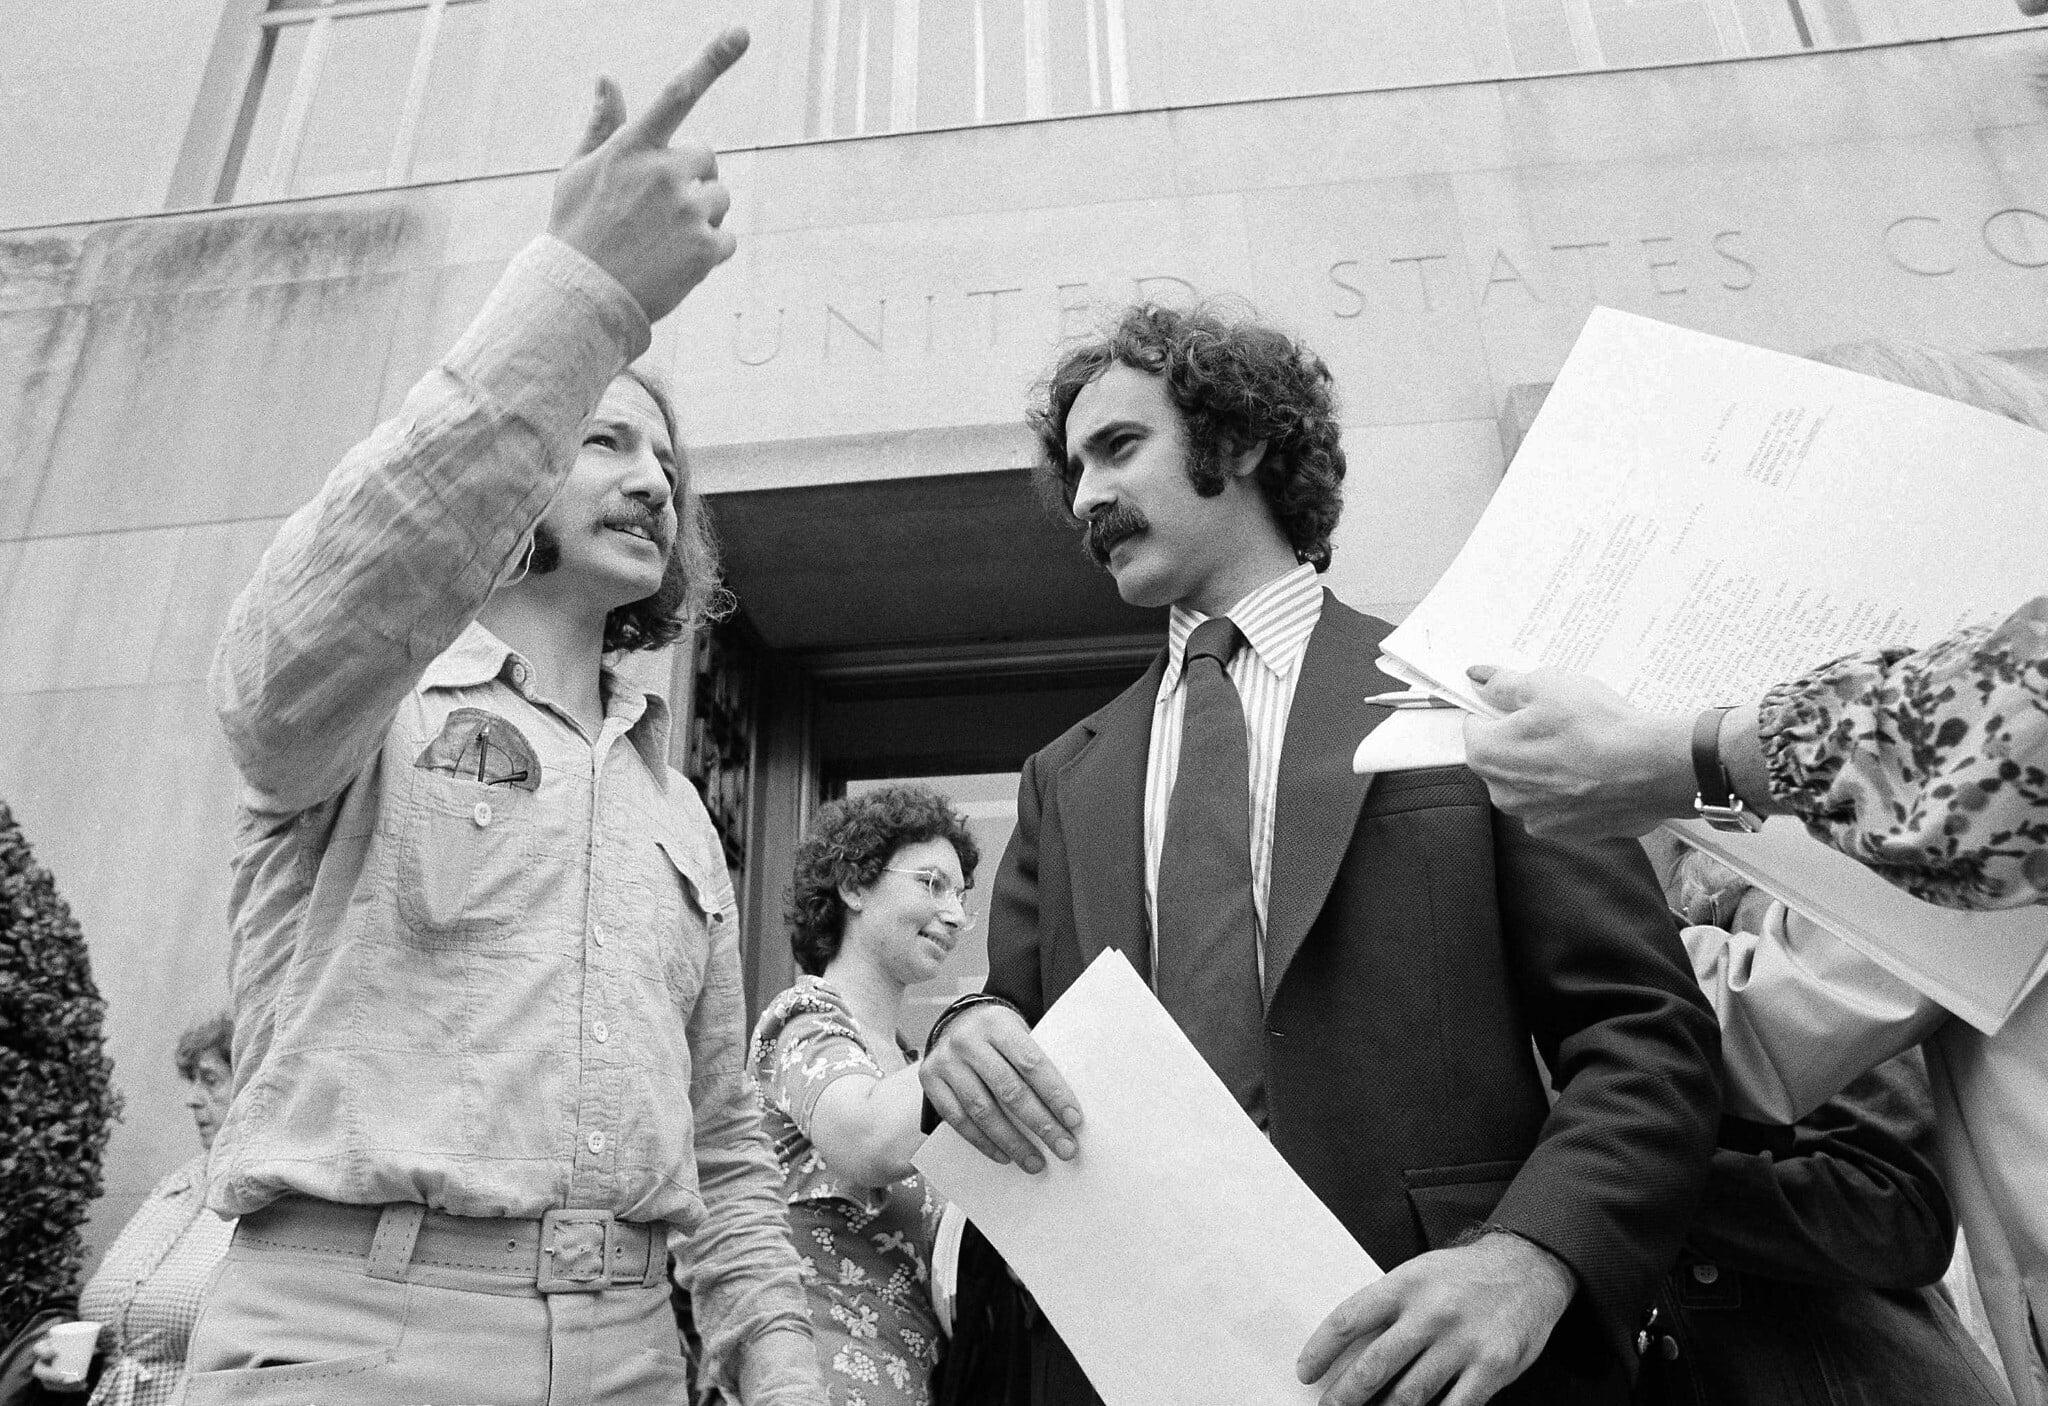 רוברט מאירופול (מימין) ומייקל מאירופול משוחחים עם נציגי התקשורת מחוץ לבית המשפט המחוזי בוושינגטון, 14 ביולי 1975 (צילום: AP)